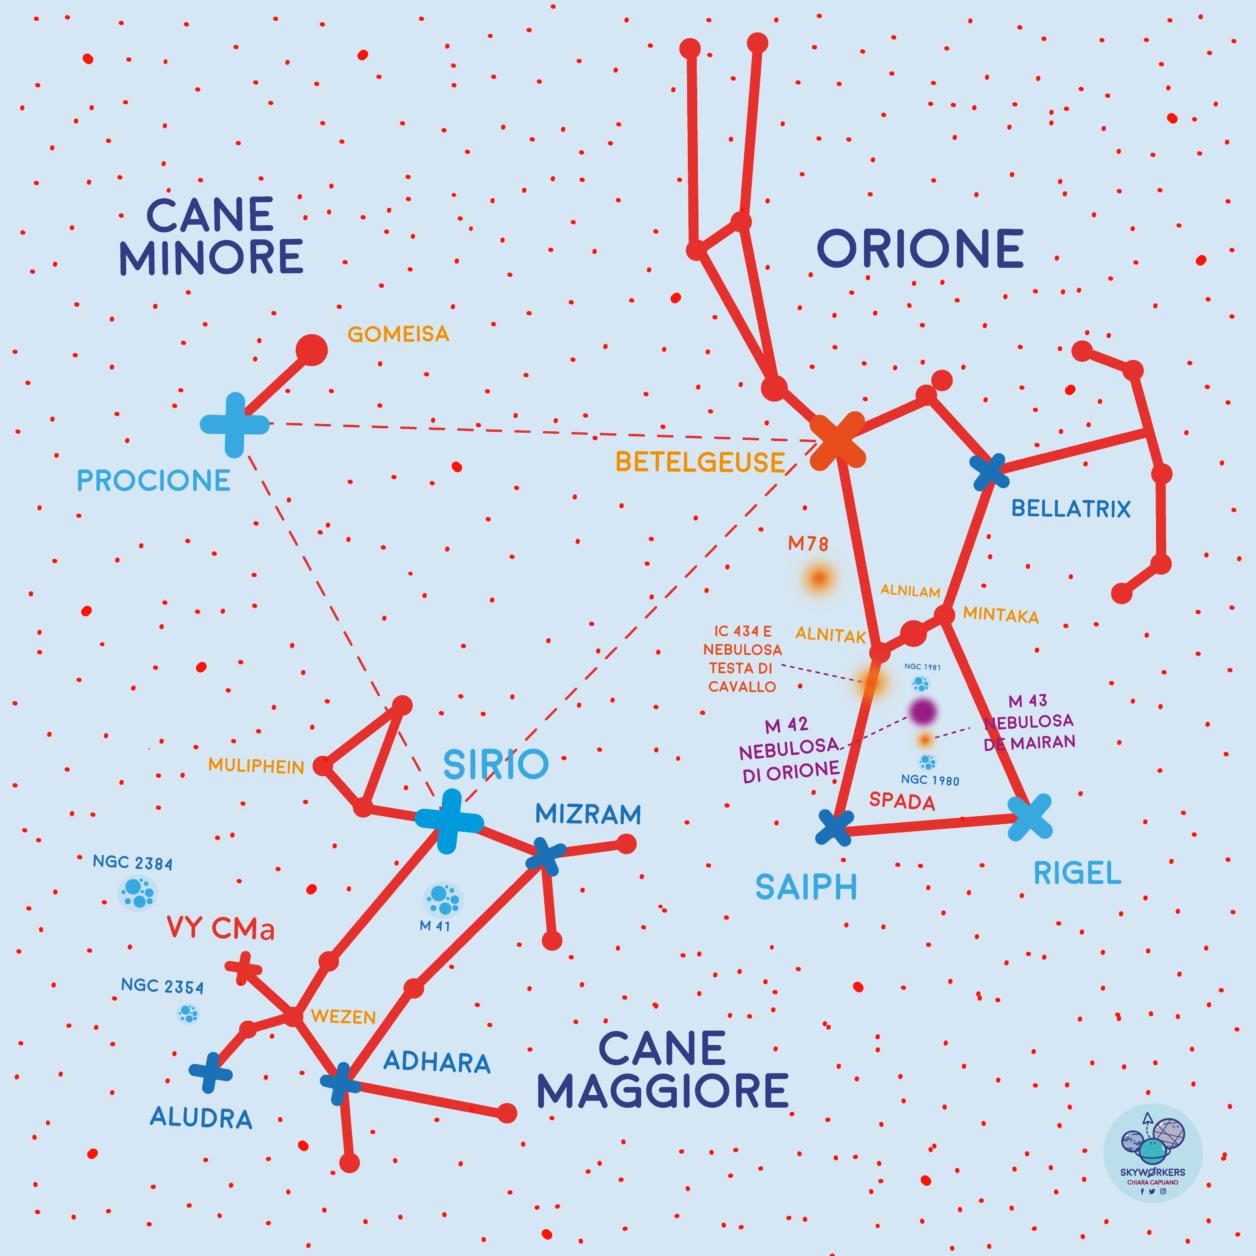 Costellazione di Orione, Triangolo Invernale